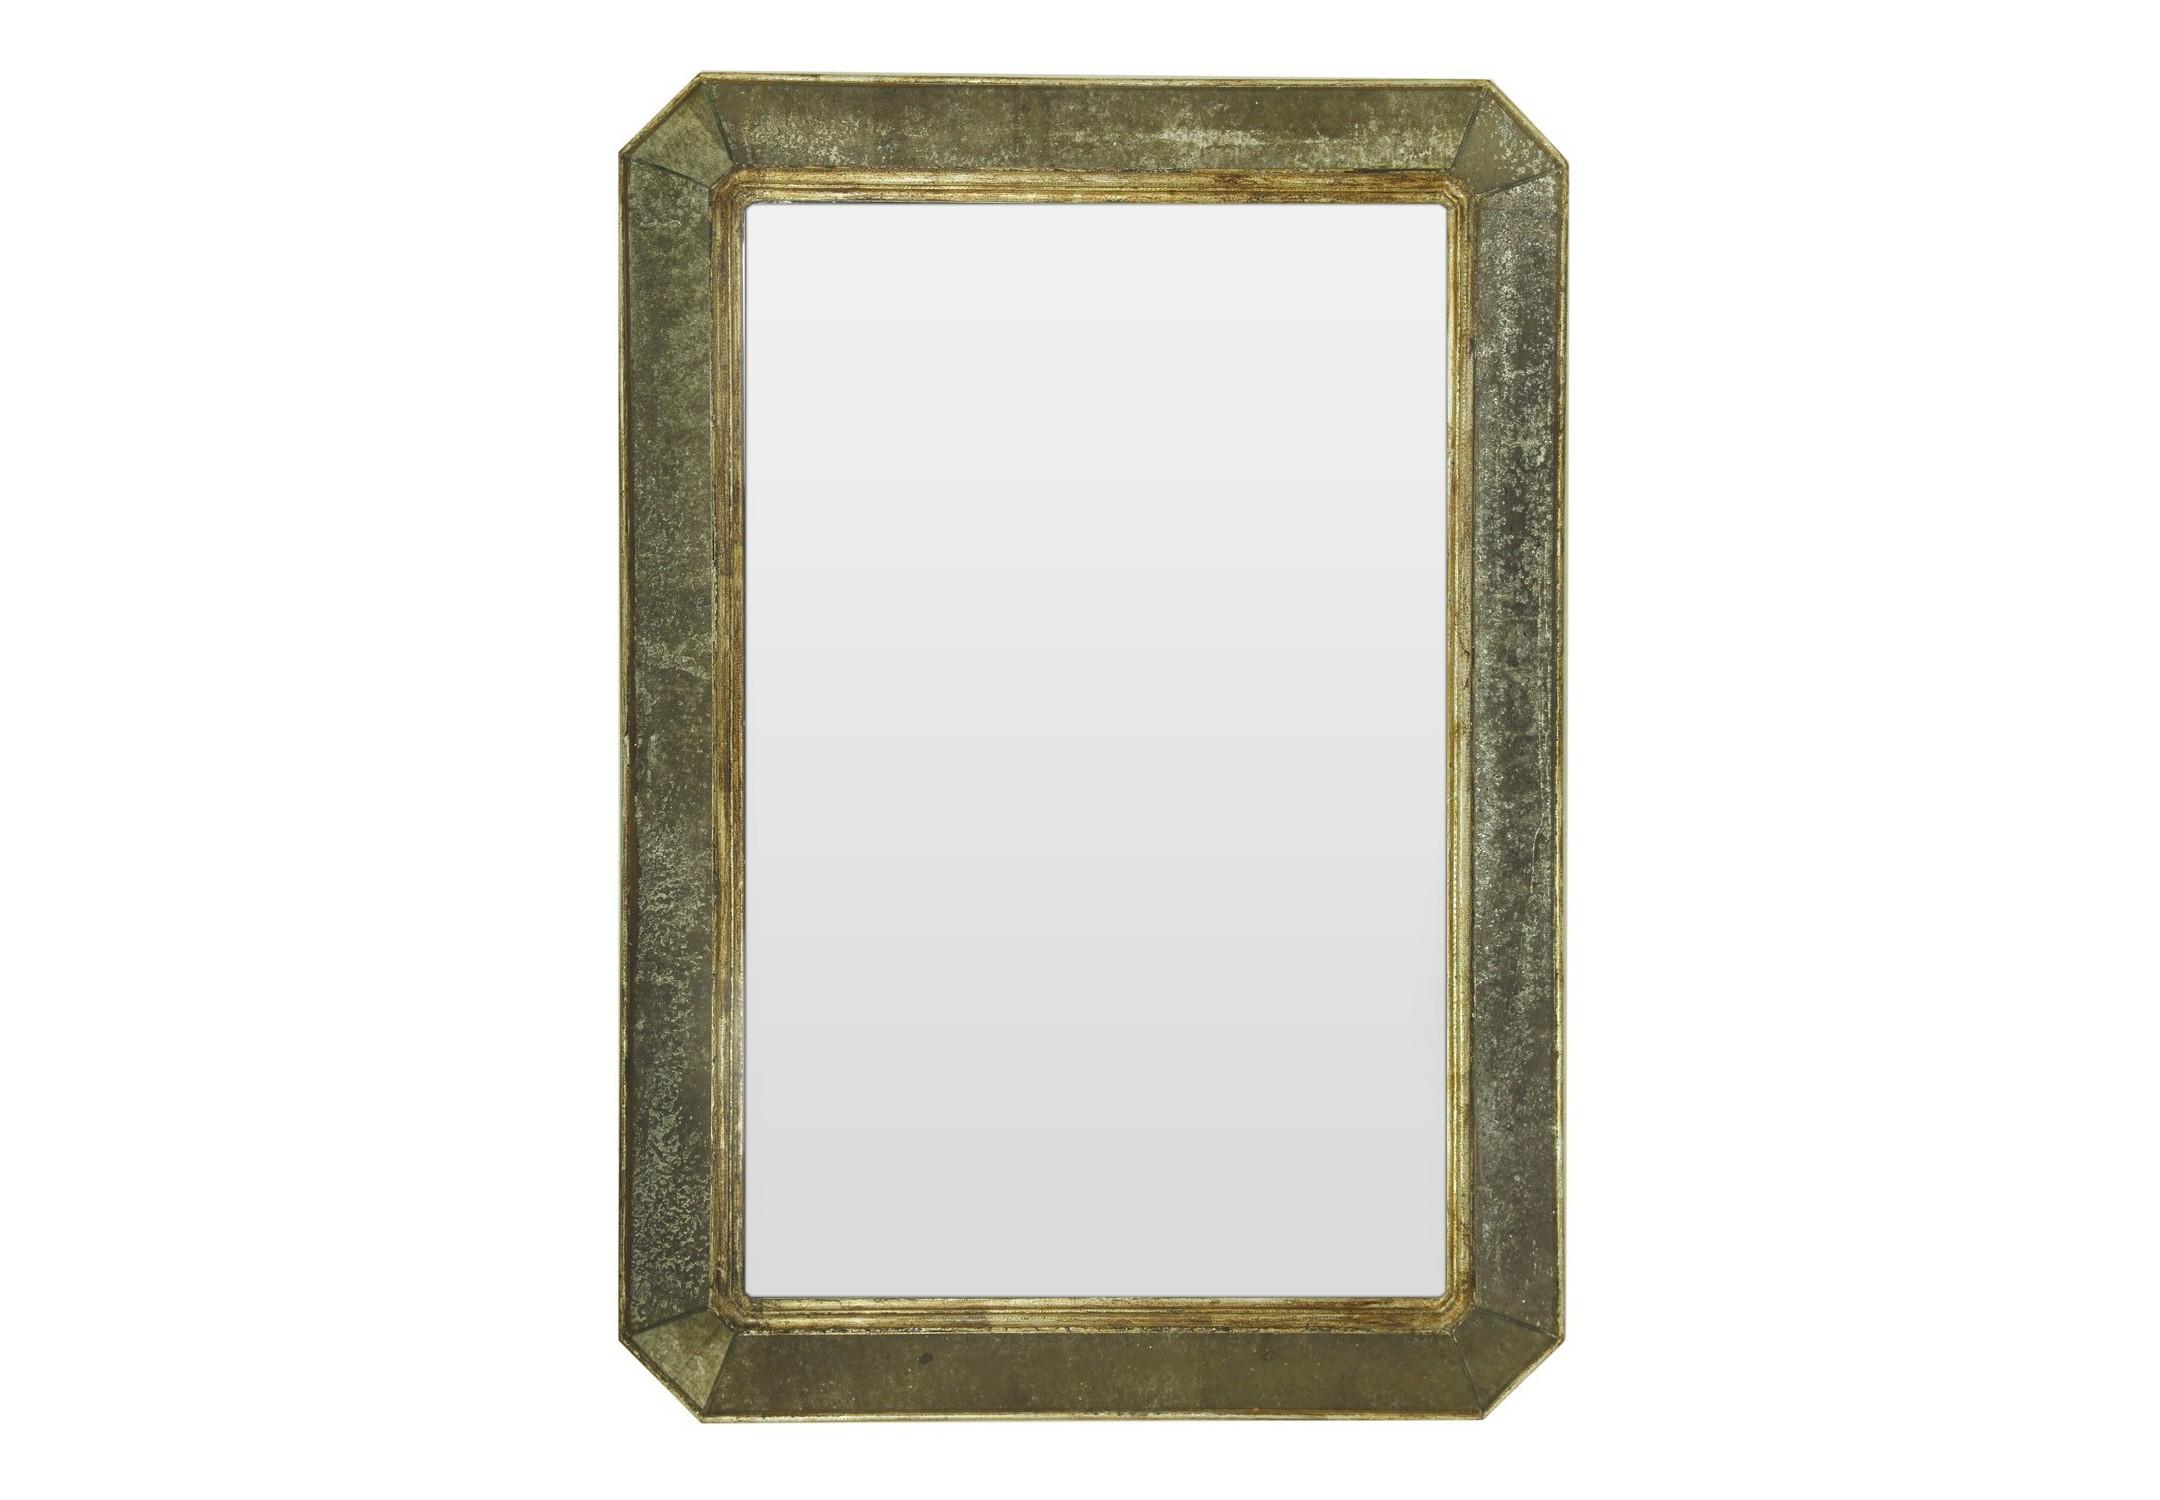 Зеркало ручной работы Королевское счастьеНастенные зеркала<br>Это зеркало создано для тех, кто привык жить с королевским размахом. Особенный шарм изделию придает удивительное сочетание классических и декоративных зеркал. Руками лучших мастеров достигается удивительный эффект состаривания, благодаря которому этот дизайнерский предмет выглядит как настоящая семейная реликвия.  Изящные вставки по краям рамы сглаживают острые углы и делают его более утонченным.&amp;amp;nbsp;&amp;lt;div&amp;gt;&amp;lt;br&amp;gt;&amp;lt;/div&amp;gt;&amp;lt;div&amp;gt;Материалы: основа - массив дерева; рама - натуральное дерево, состаренное зеркало серебряной амальгамы; зеркальное полотно - классическое зеркало серебряной амальгамы.&amp;lt;/div&amp;gt;<br><br>Material: Дерево<br>Width см: 57<br>Depth см: 4<br>Height см: 81